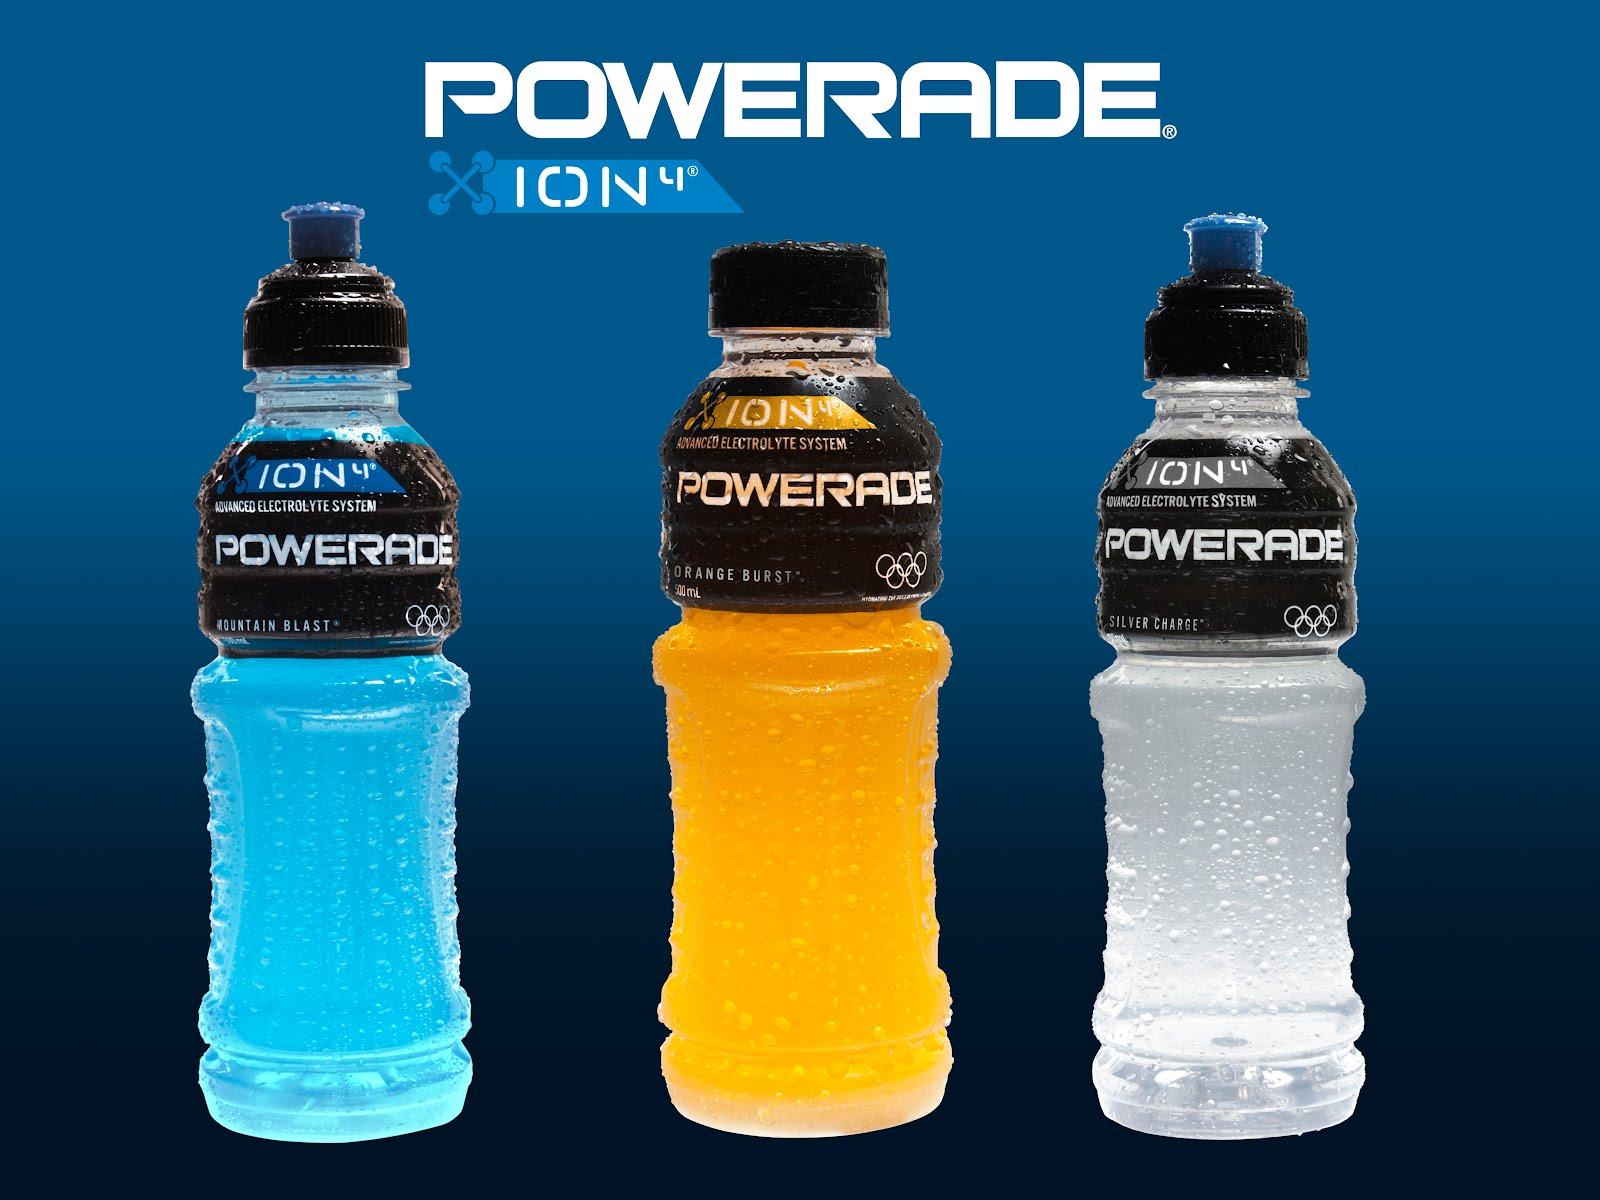 Deemen Runner Powerade Ion4 Product Launch